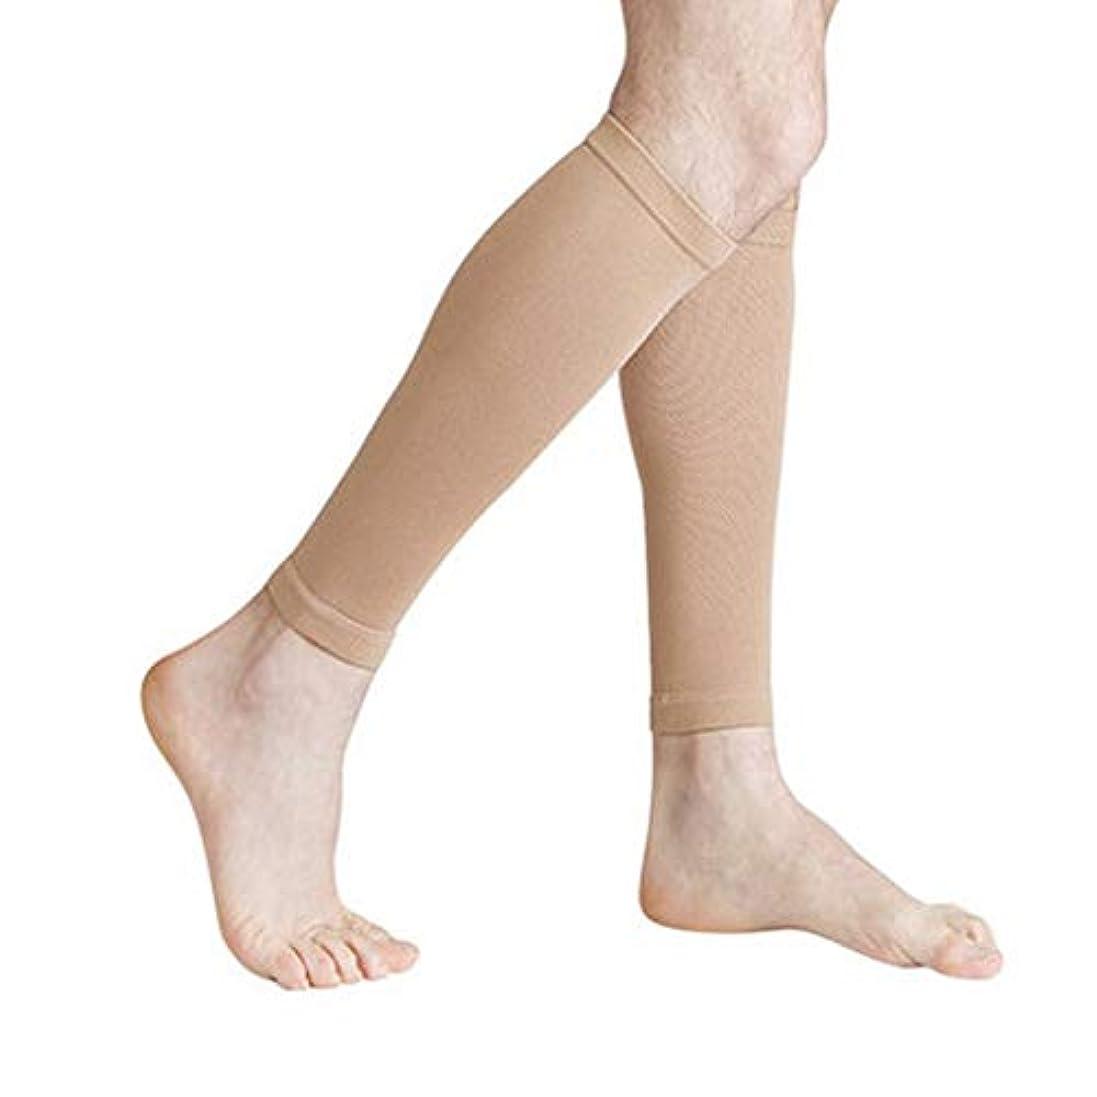 からに変化する船尾介入する丈夫な男性女性プロの圧縮靴下通気性のある旅行活動看護師用シントスプリントフライトトラベル - 肌色